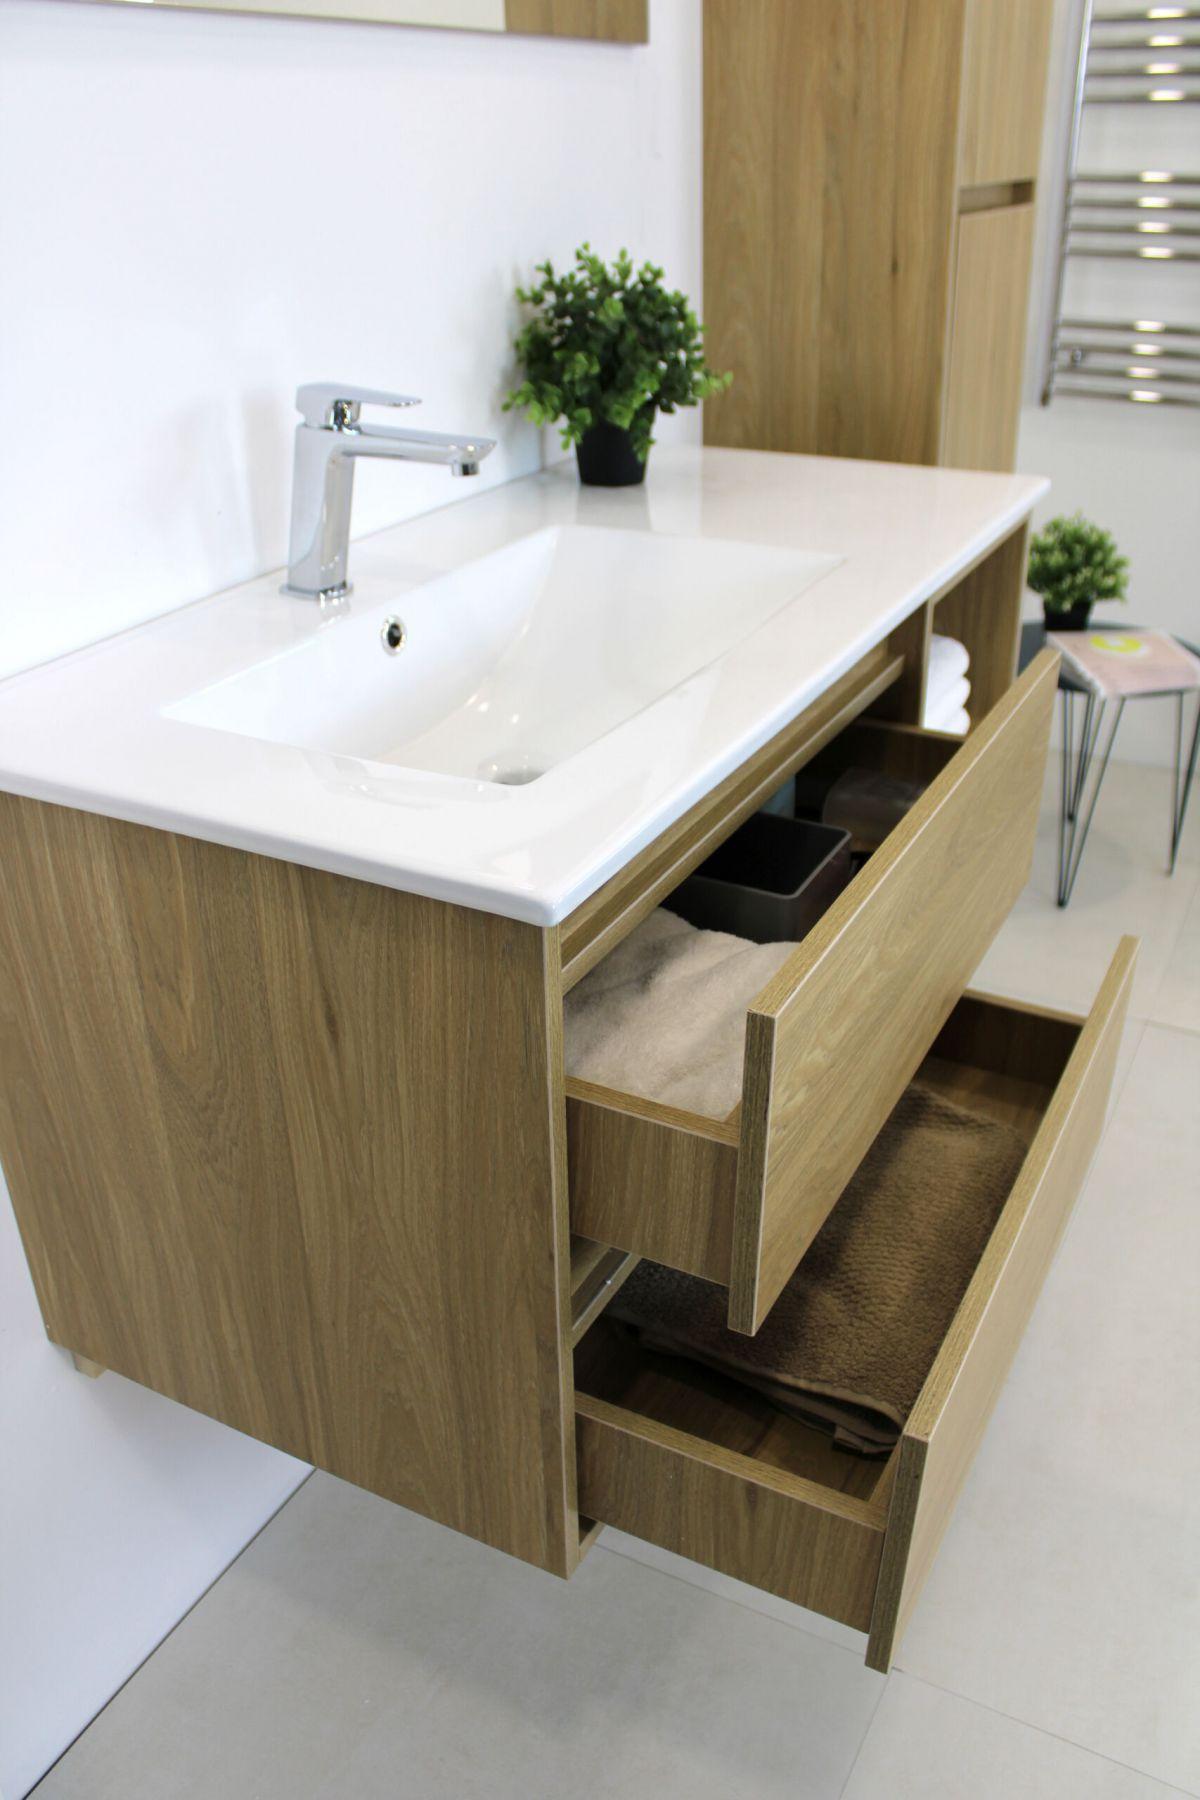 LONDRA ROVERE 3 scaled Mobile bagno Londra sospeso 100 cm rovere effetto legno con lavabo specchio lampada